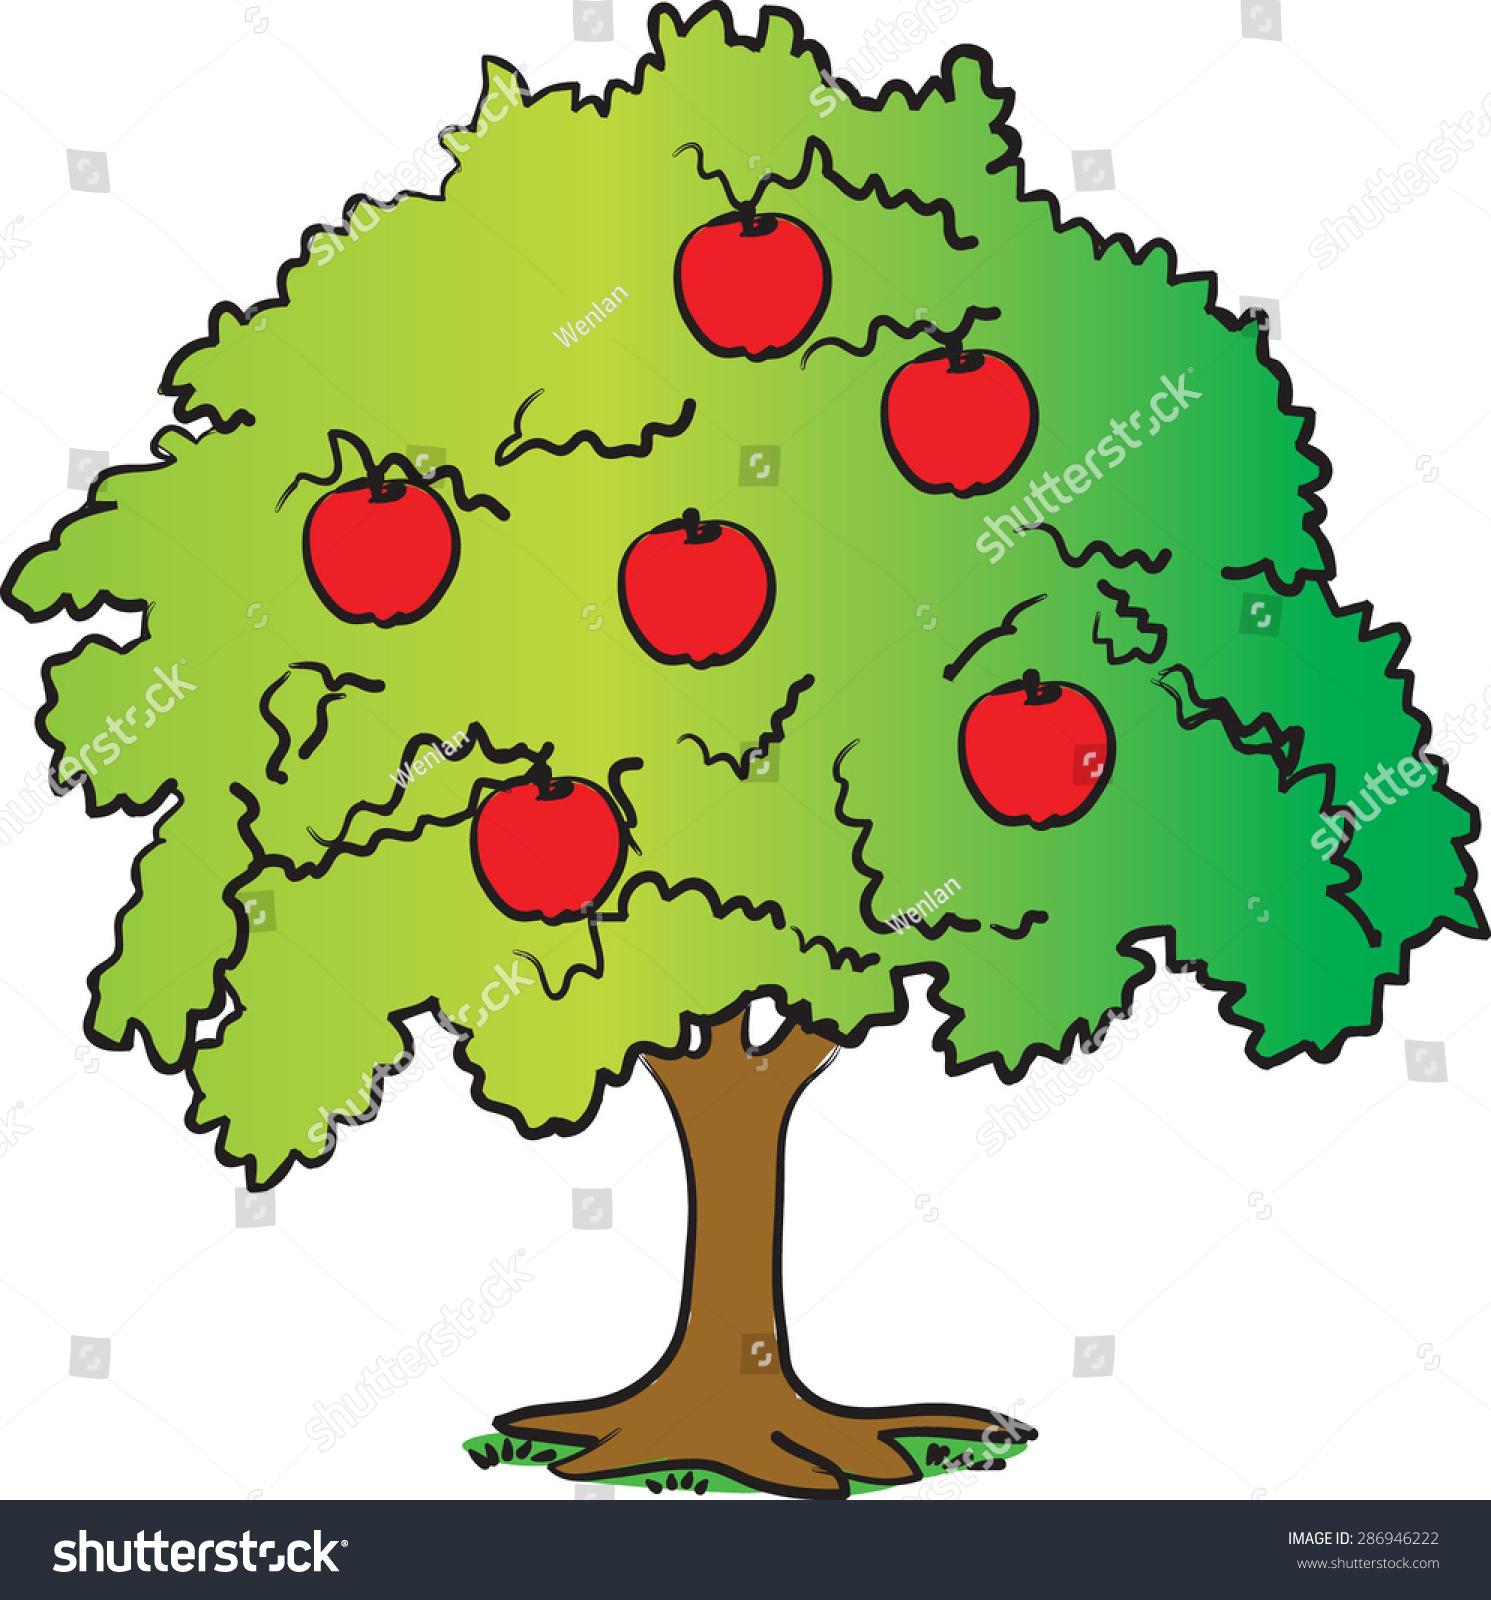 苹果树-自然-海洛创意(hellorf)-shutterstock中国-.